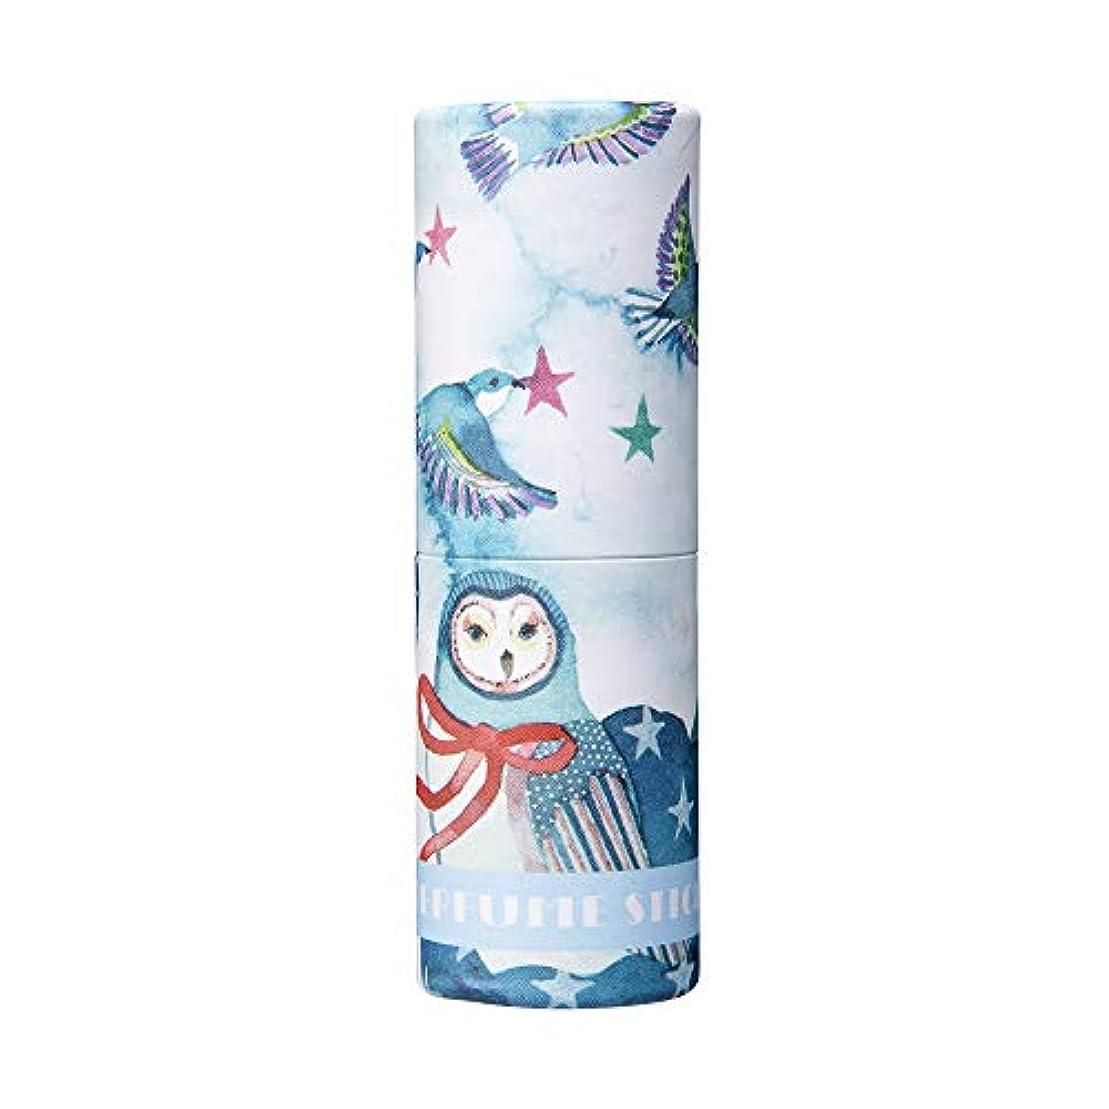 プラットフォーム通知代替パフュームスティック ウィッシュ ホワイトフラワー&シャボンの香り CatoFriendデザイン 5g